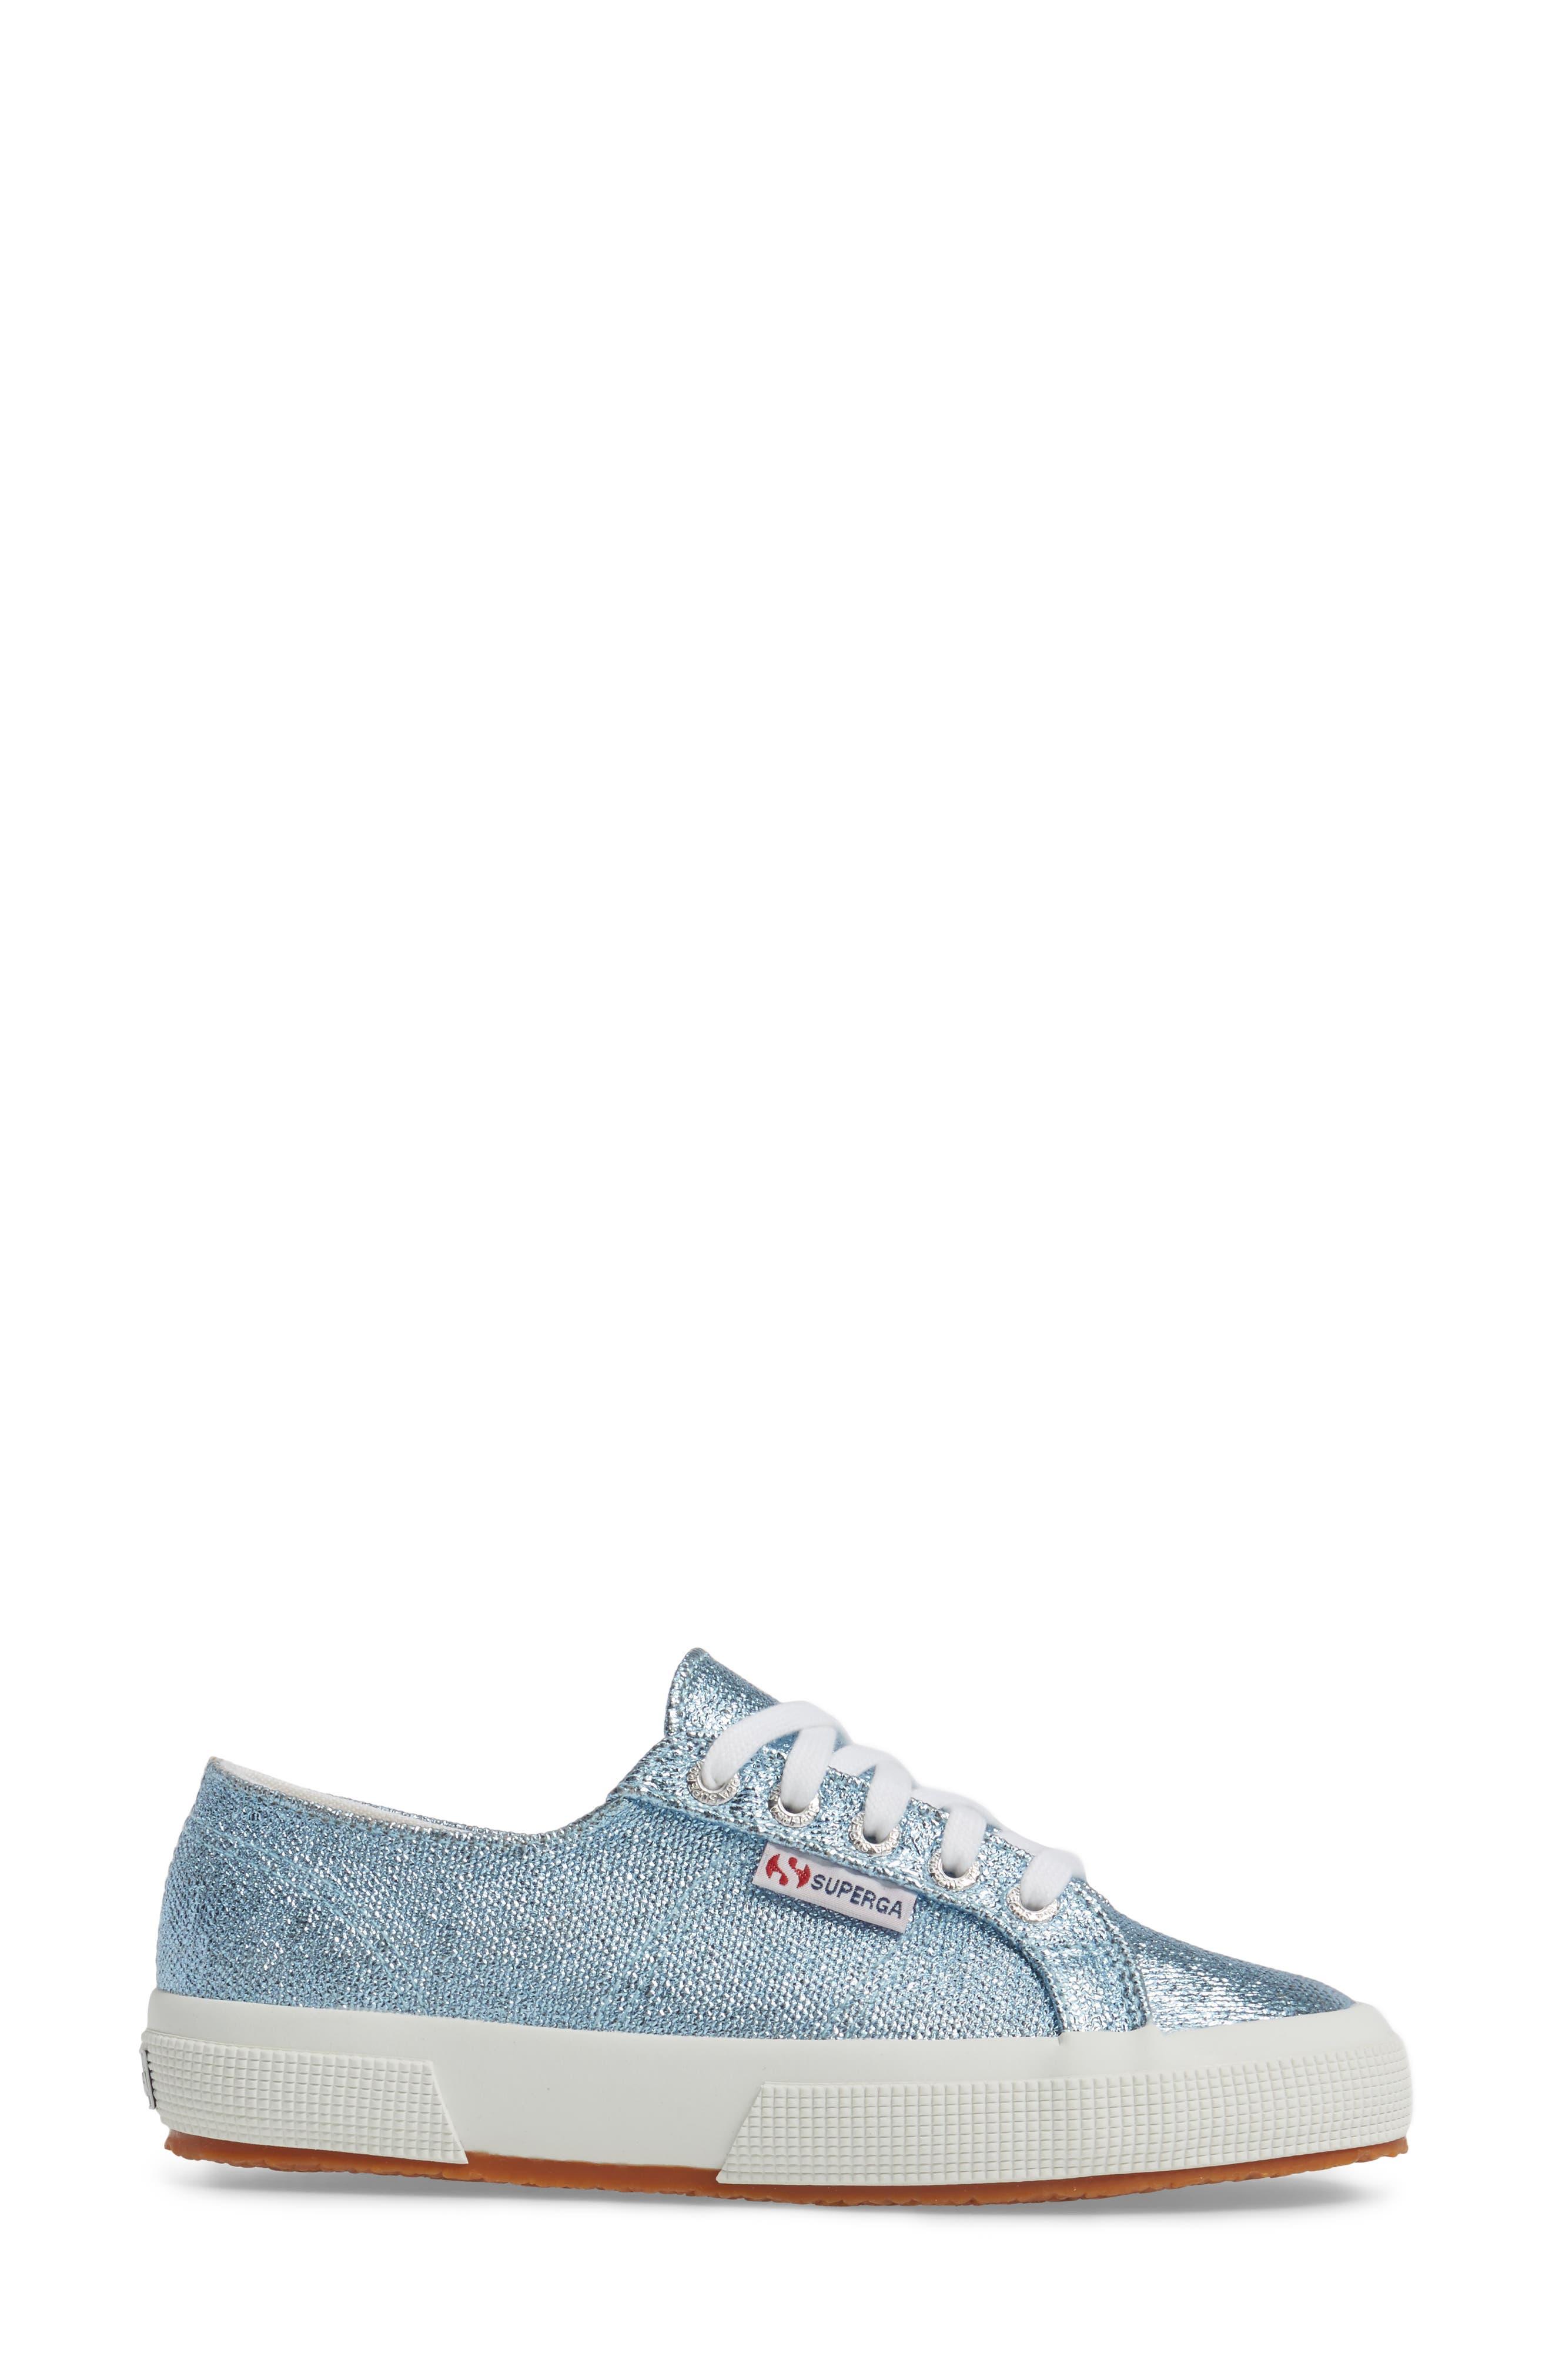 2750 Metallic Sneaker,                             Alternate thumbnail 3, color,                             Light Blue